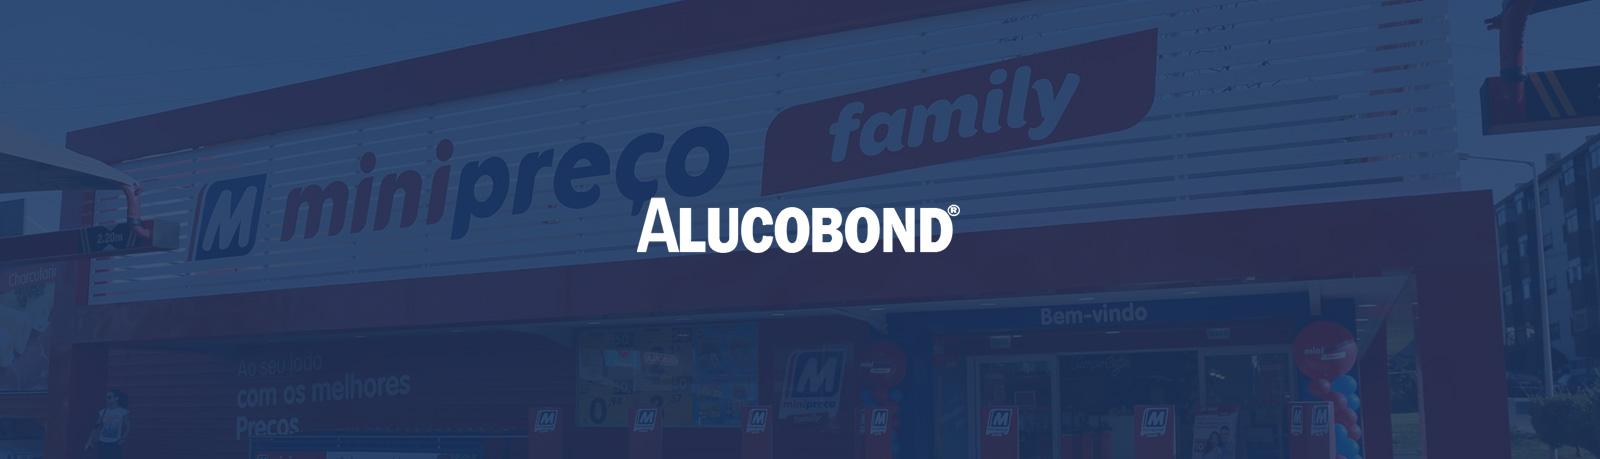 04_Alucobond